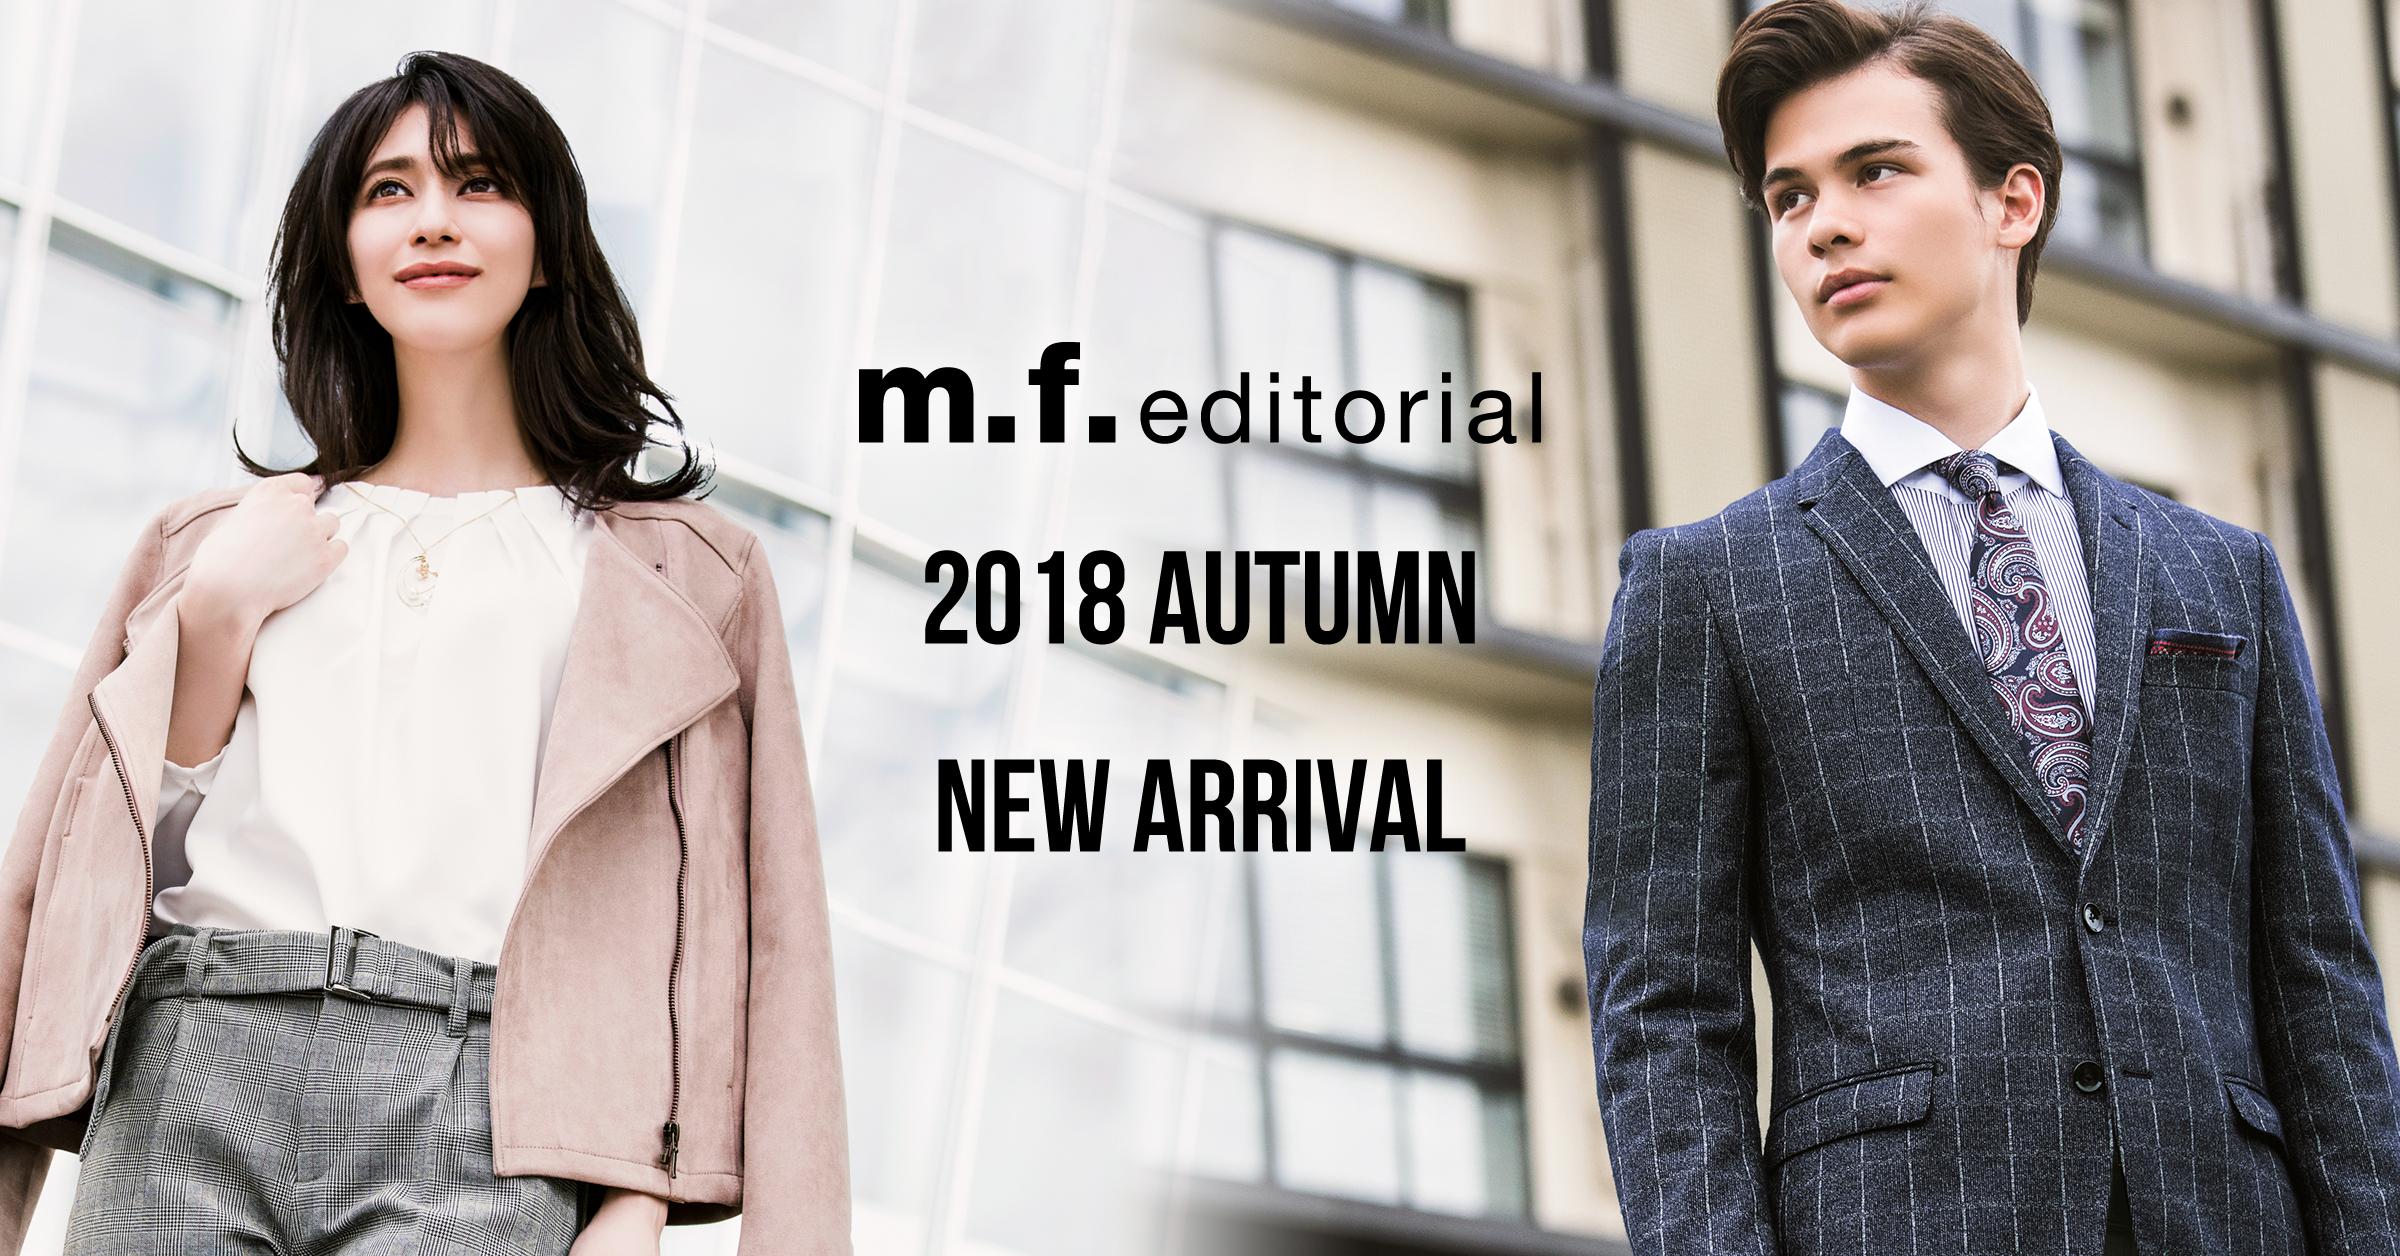 m.f.editorial new